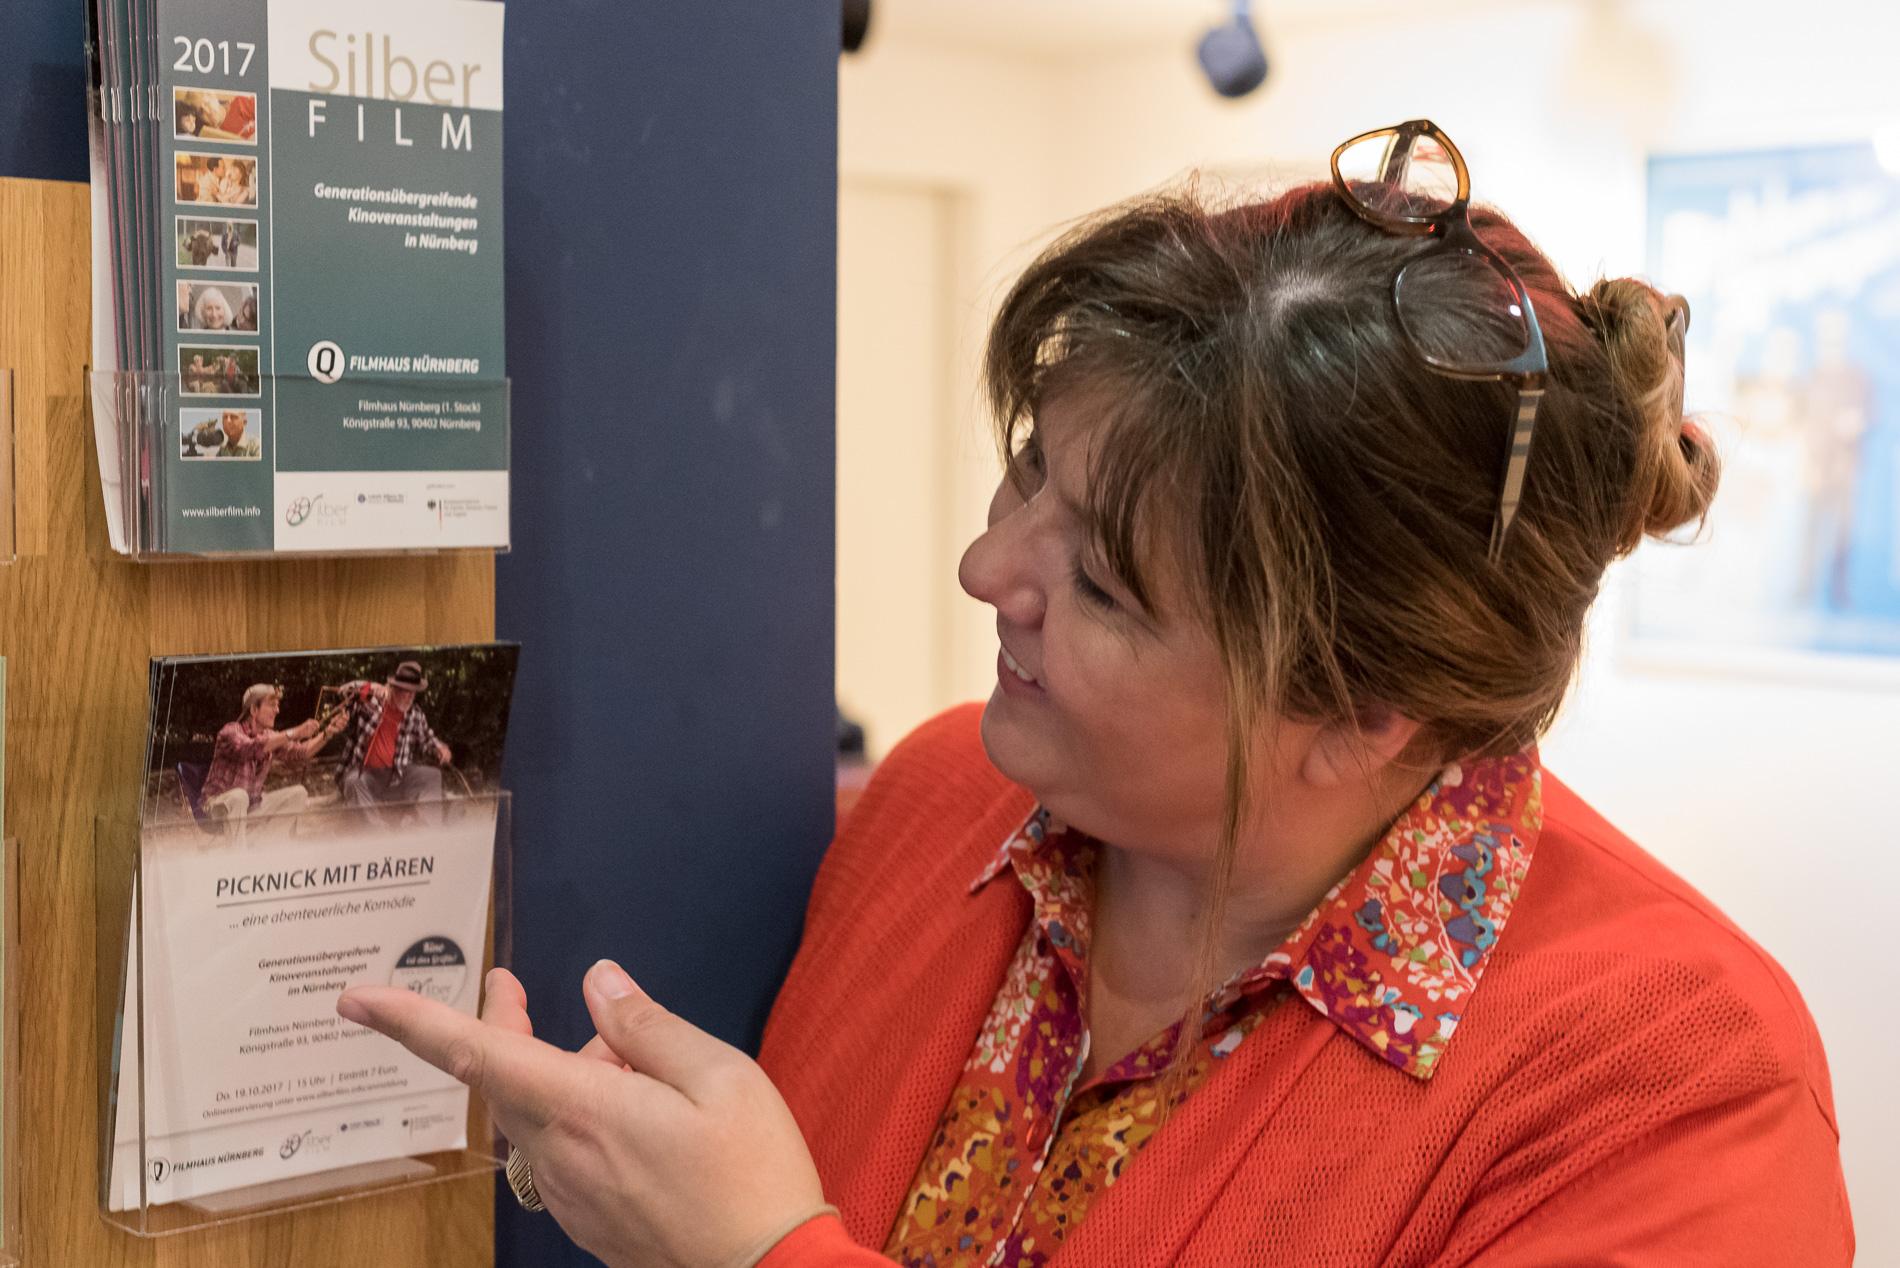 Eine Frau steht vor zwei Halterungen für Broschüren und zeigt mit der linken Hand auf eine der Broschüren.